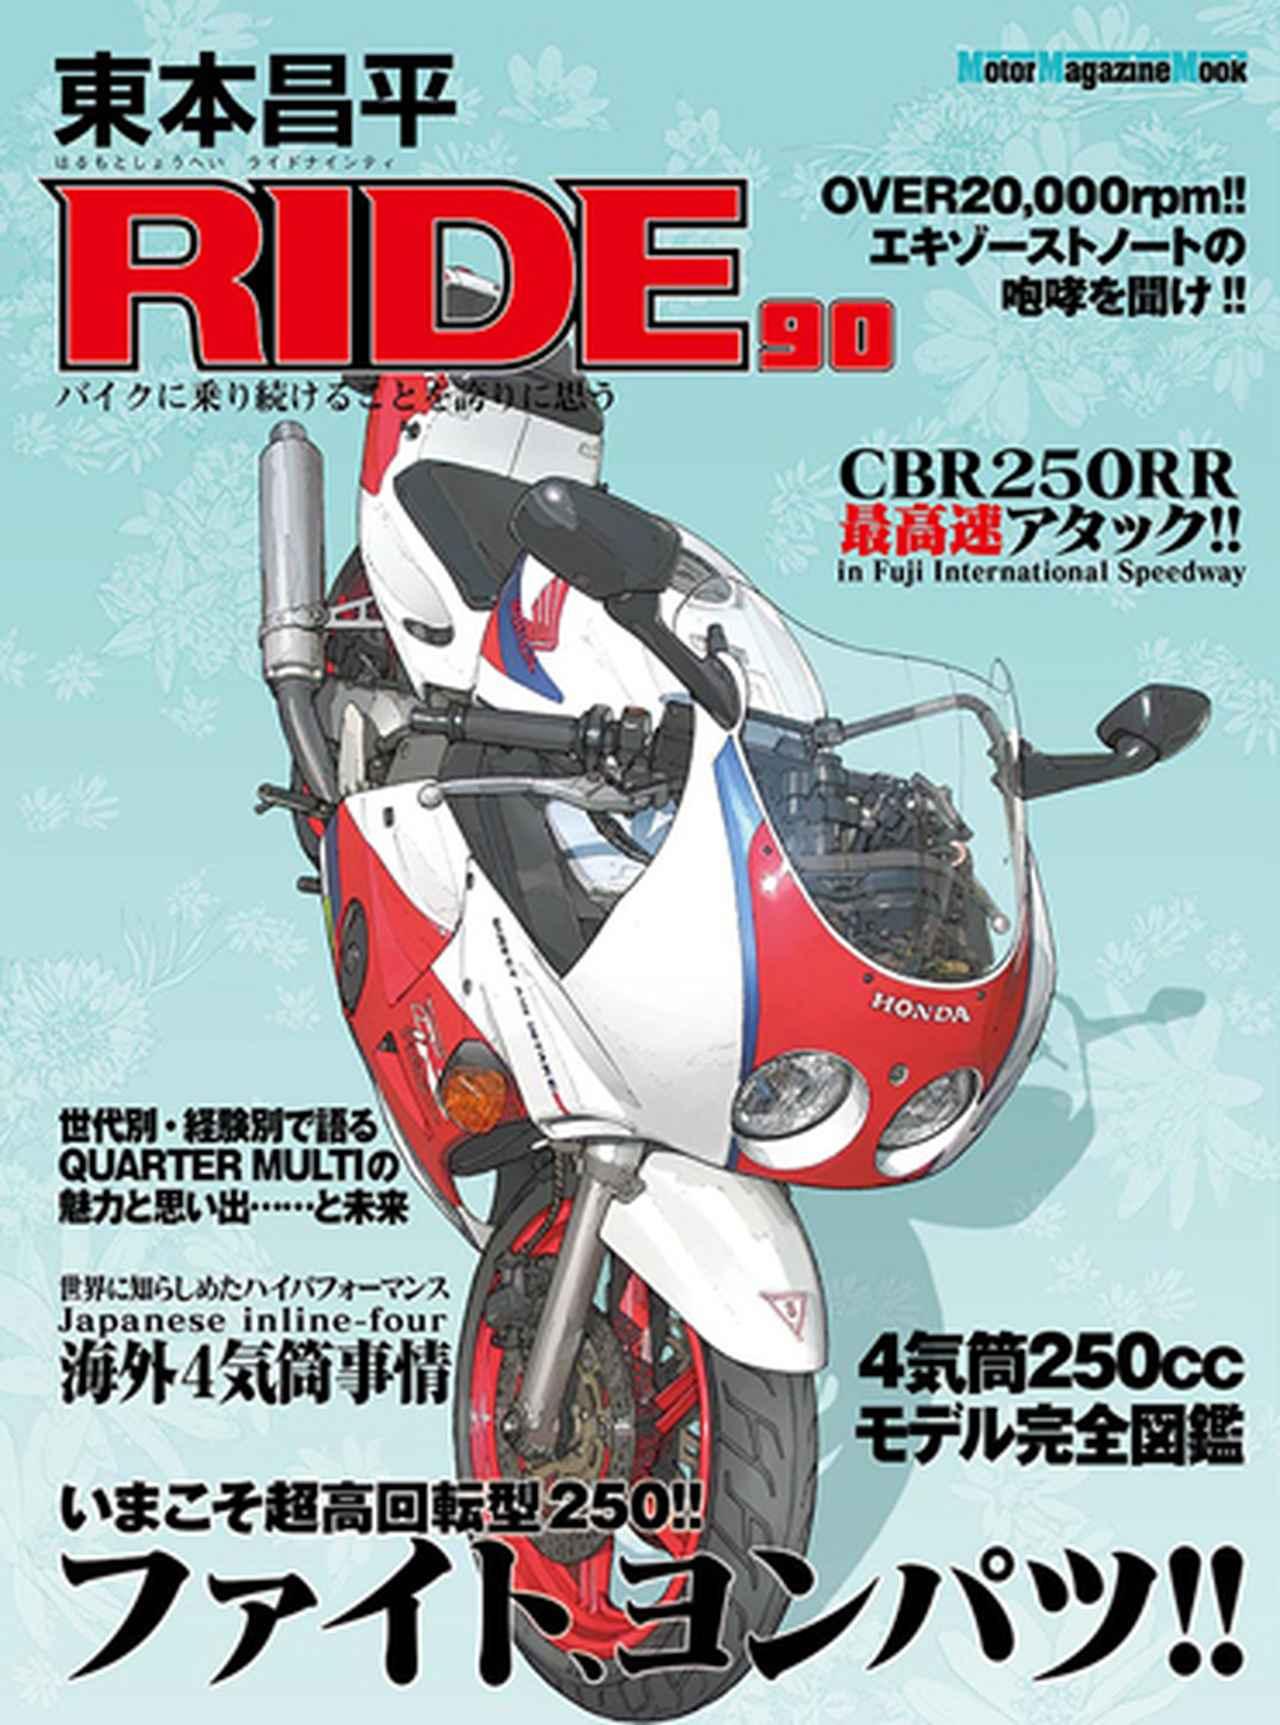 画像: Motor Magazine Ltd. / モーターマガジン社 / 東本昌平 RIDE 90